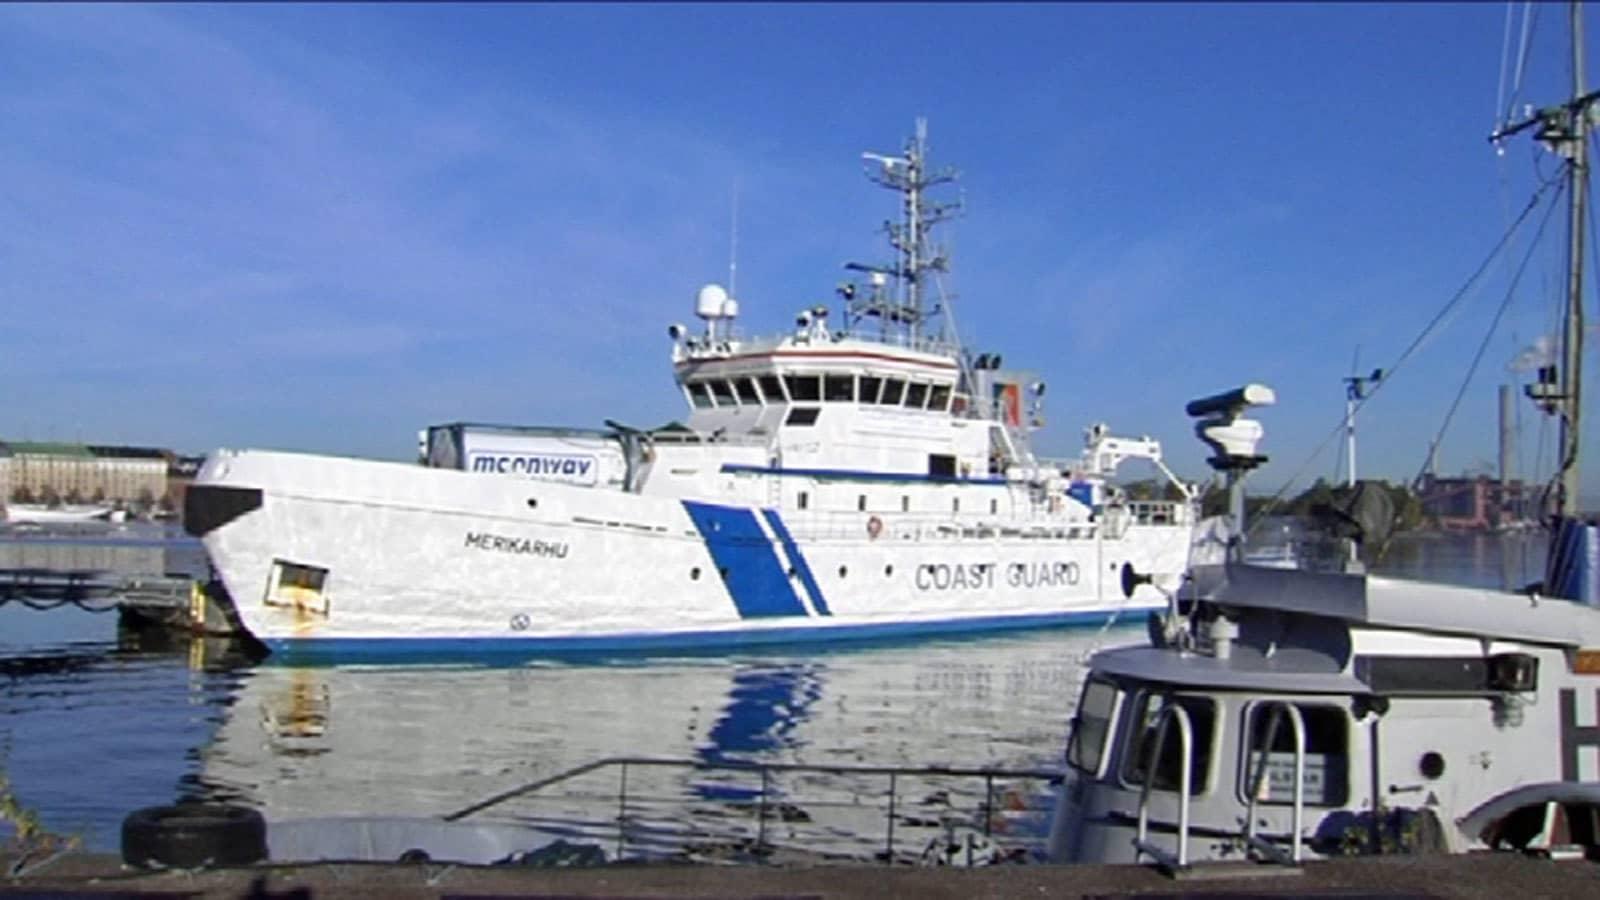 Det finländska bevakningsfartyget Merikarhu ska delta i gränsbevakningsoperationen Poseidon i Egeiska havet